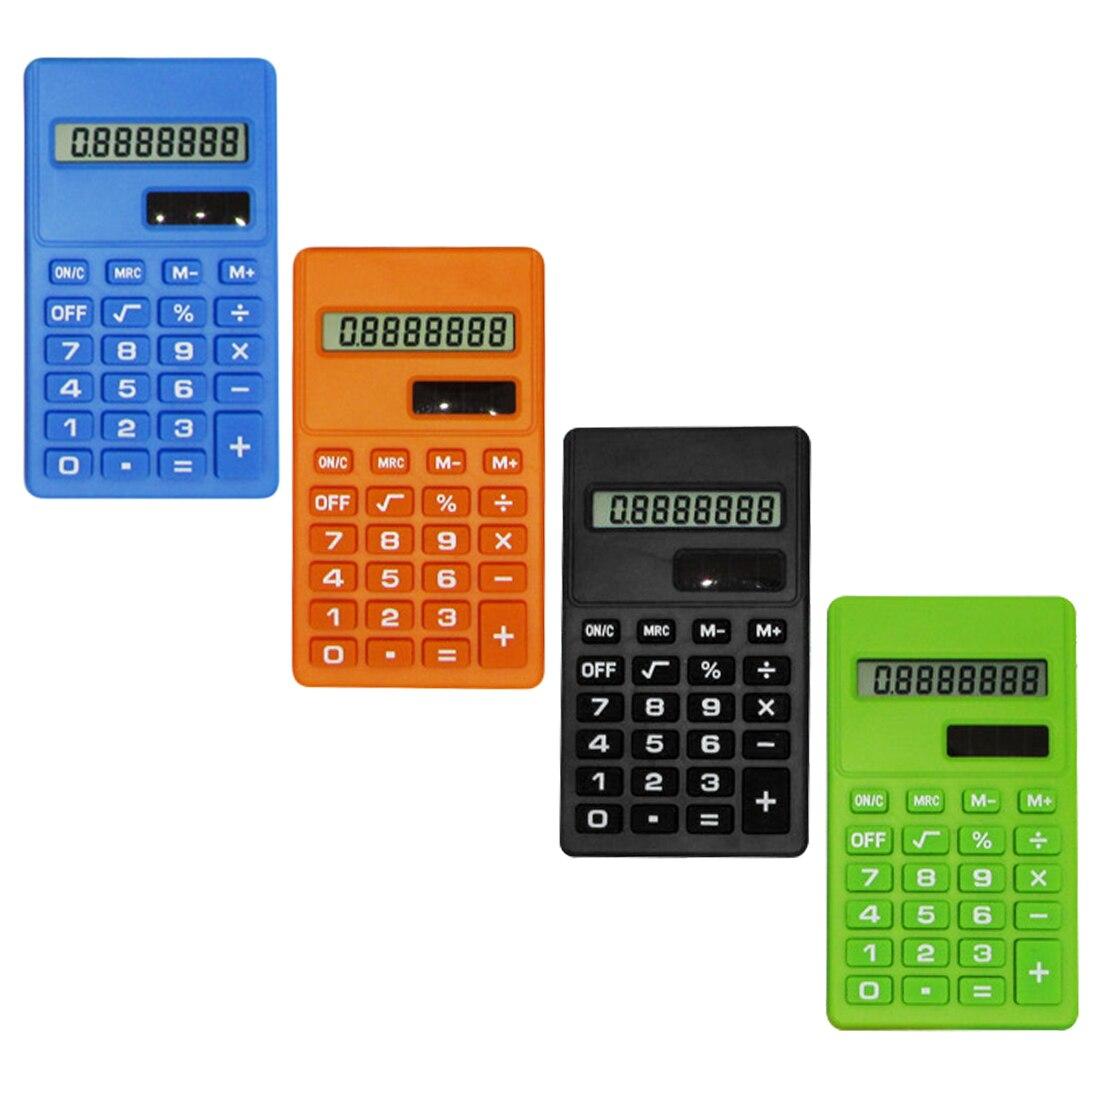 Etmakit Hot Cartoon Mini Calculator 8 Digits Display Dual -2032